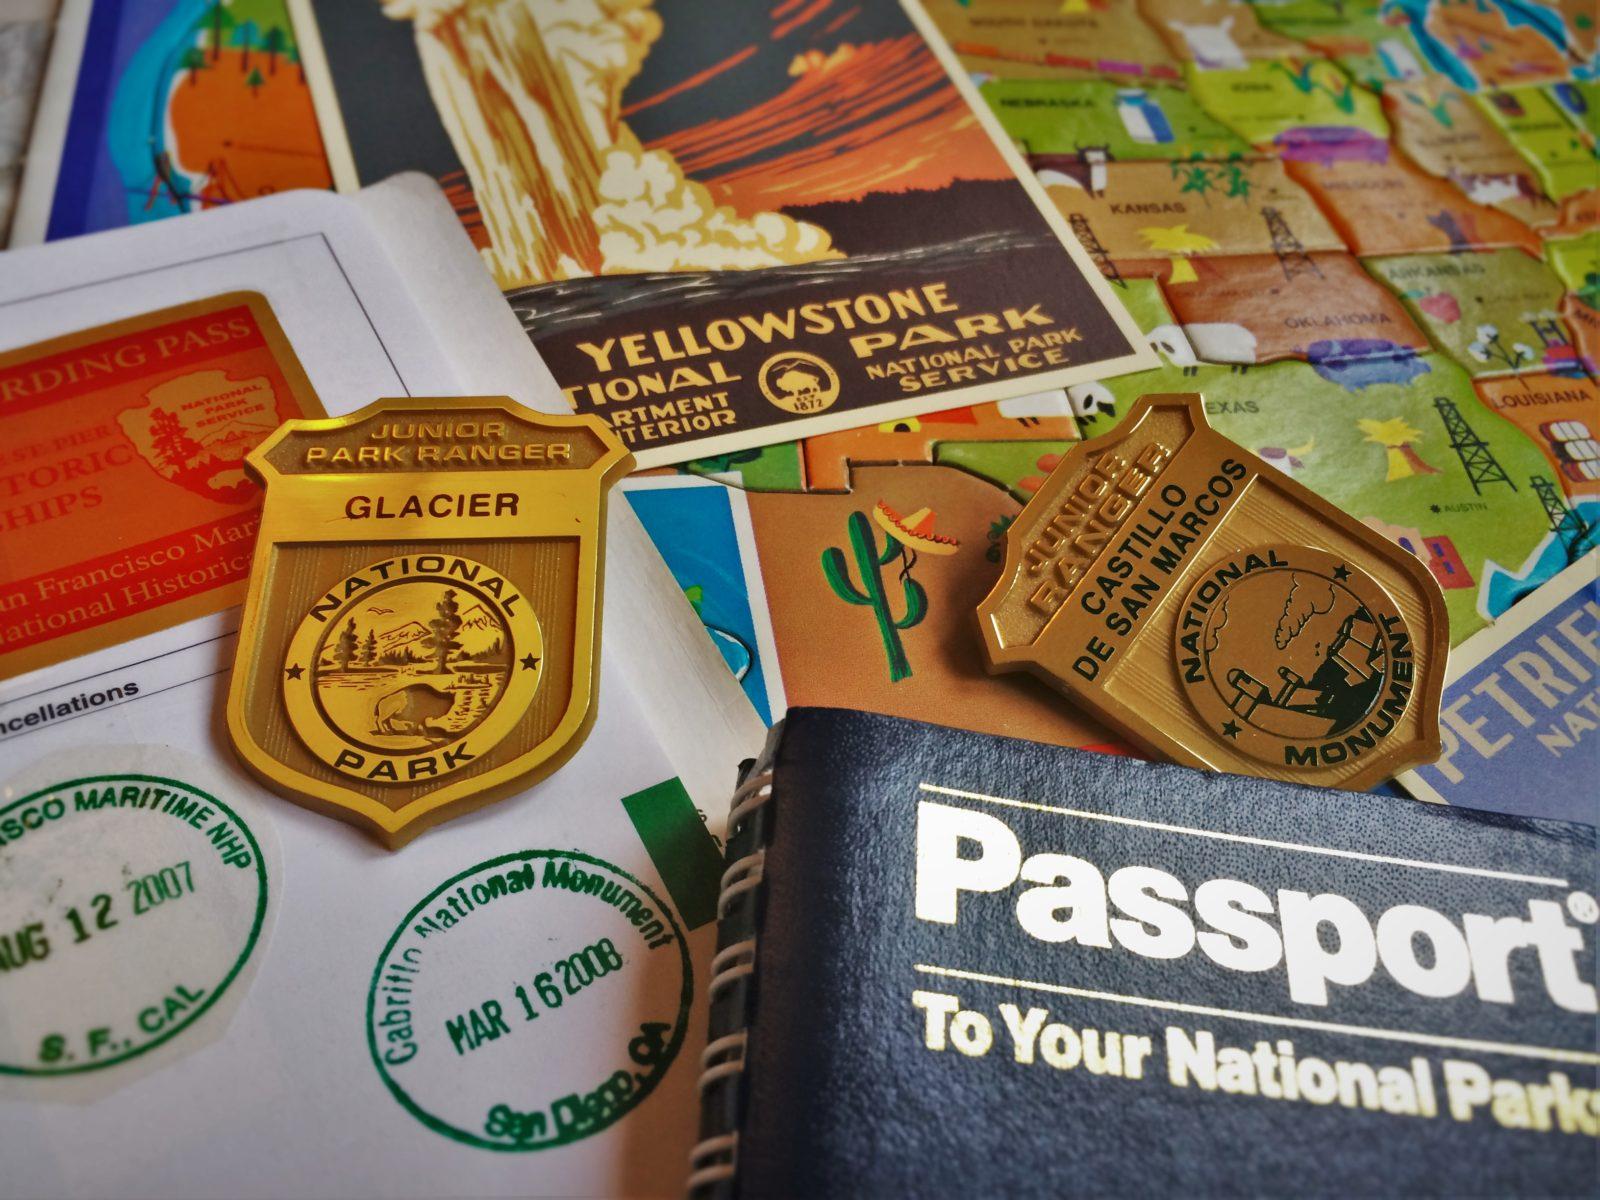 National-Parks-Swag-4-e1485414633634.jpg